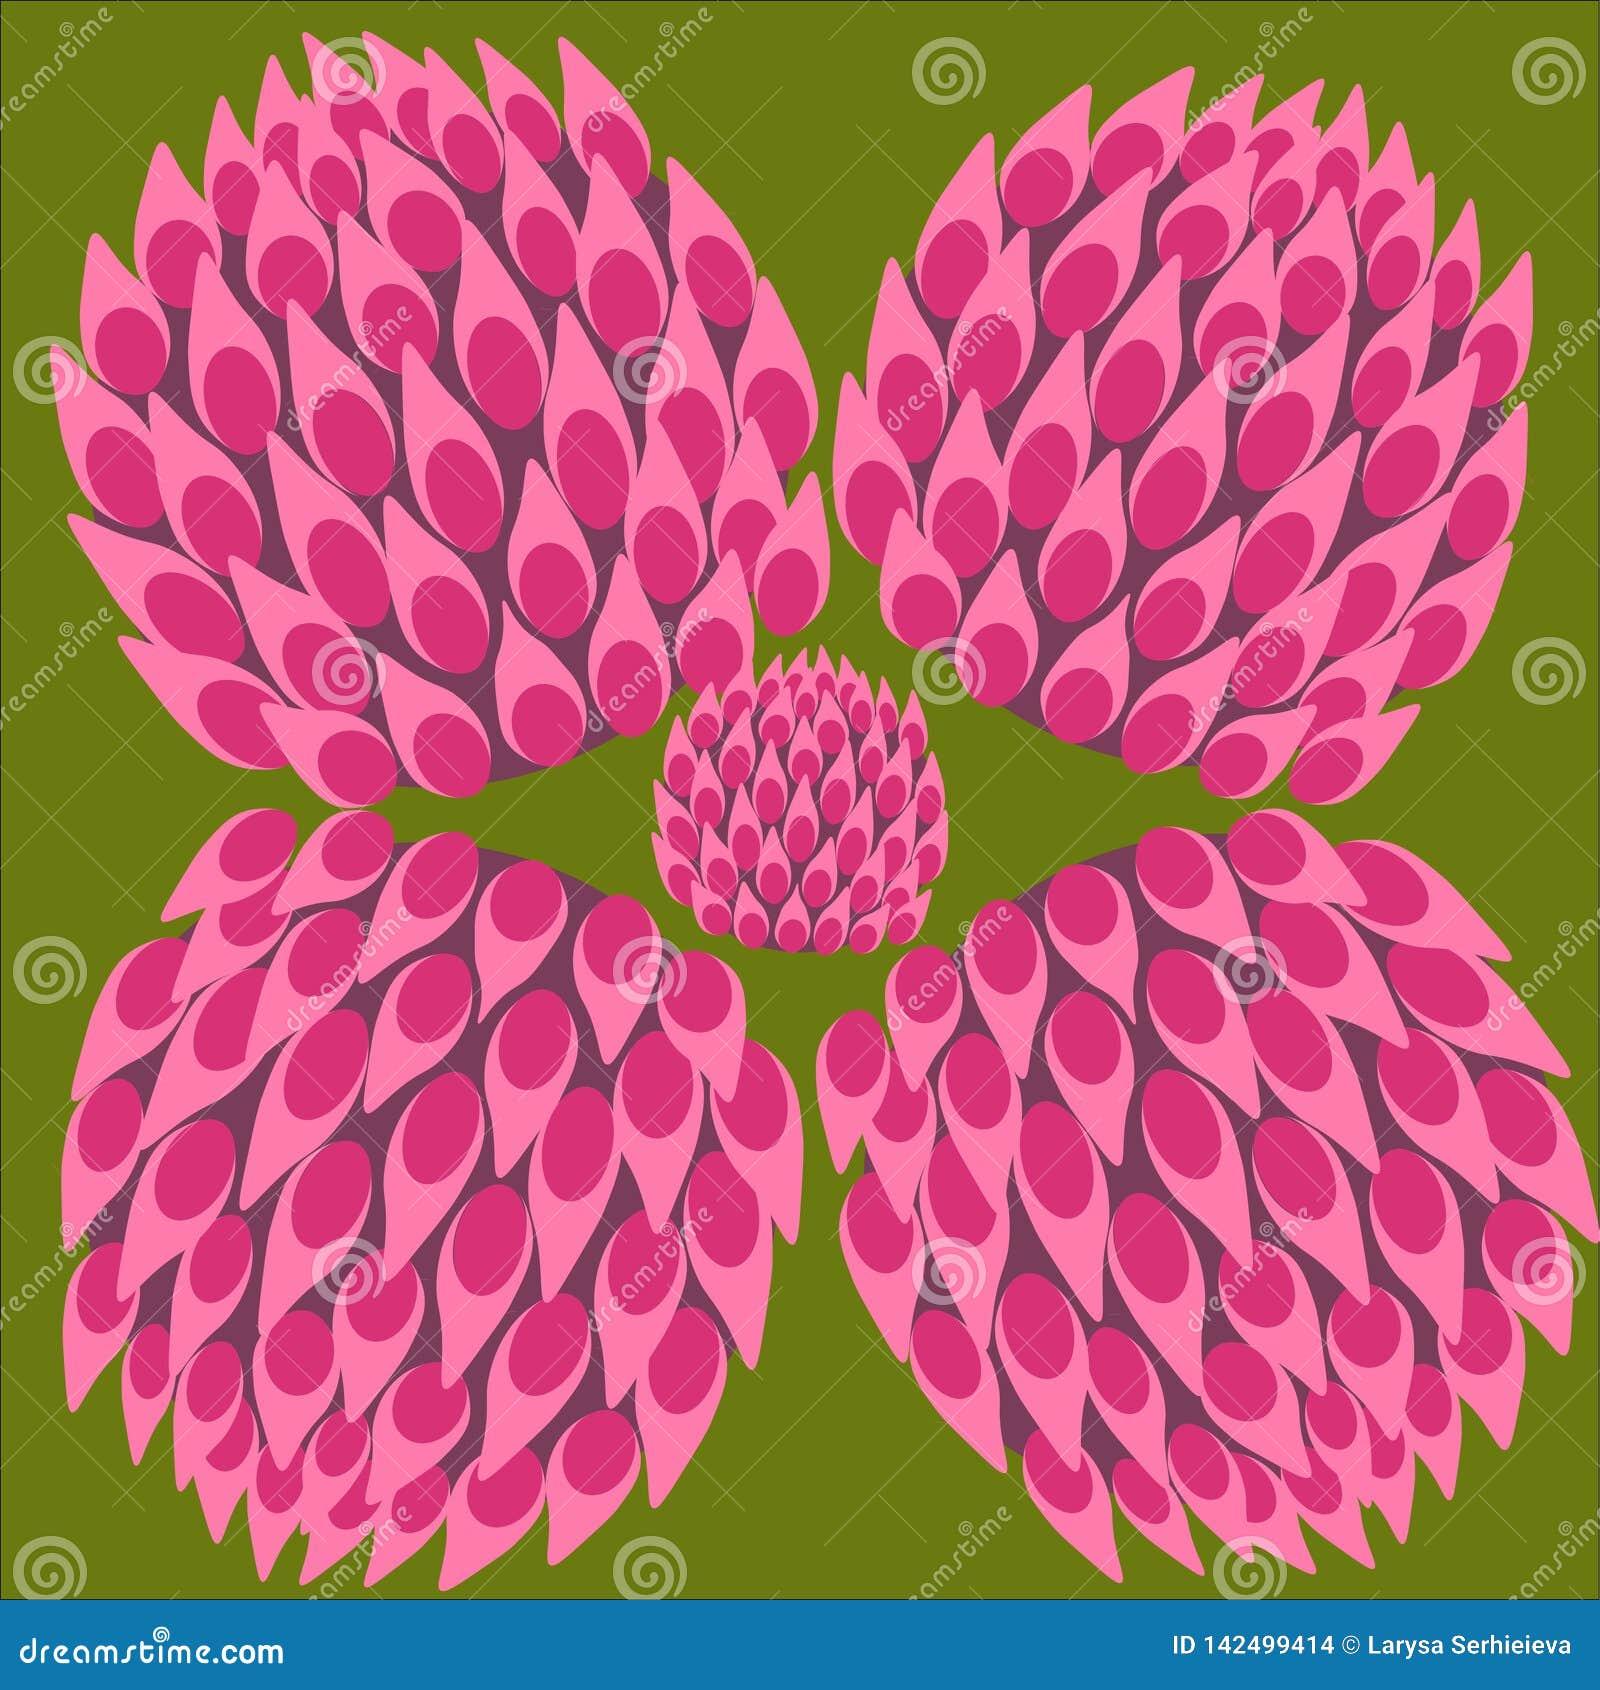 Σύνολο χρώματος τριφυλλιού, σύμβολο τύχης, αφηρημένο λουλούδι τριφυλλιού